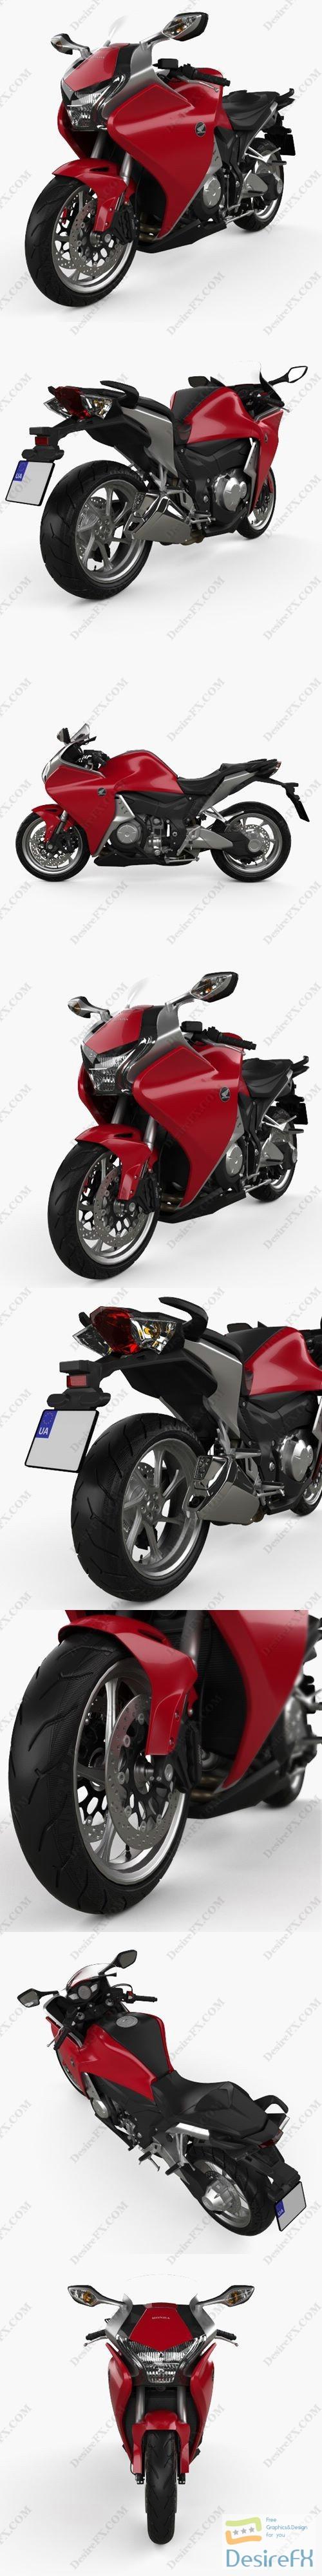 3d-models - Honda VFR 1200 F 2015 3D Model